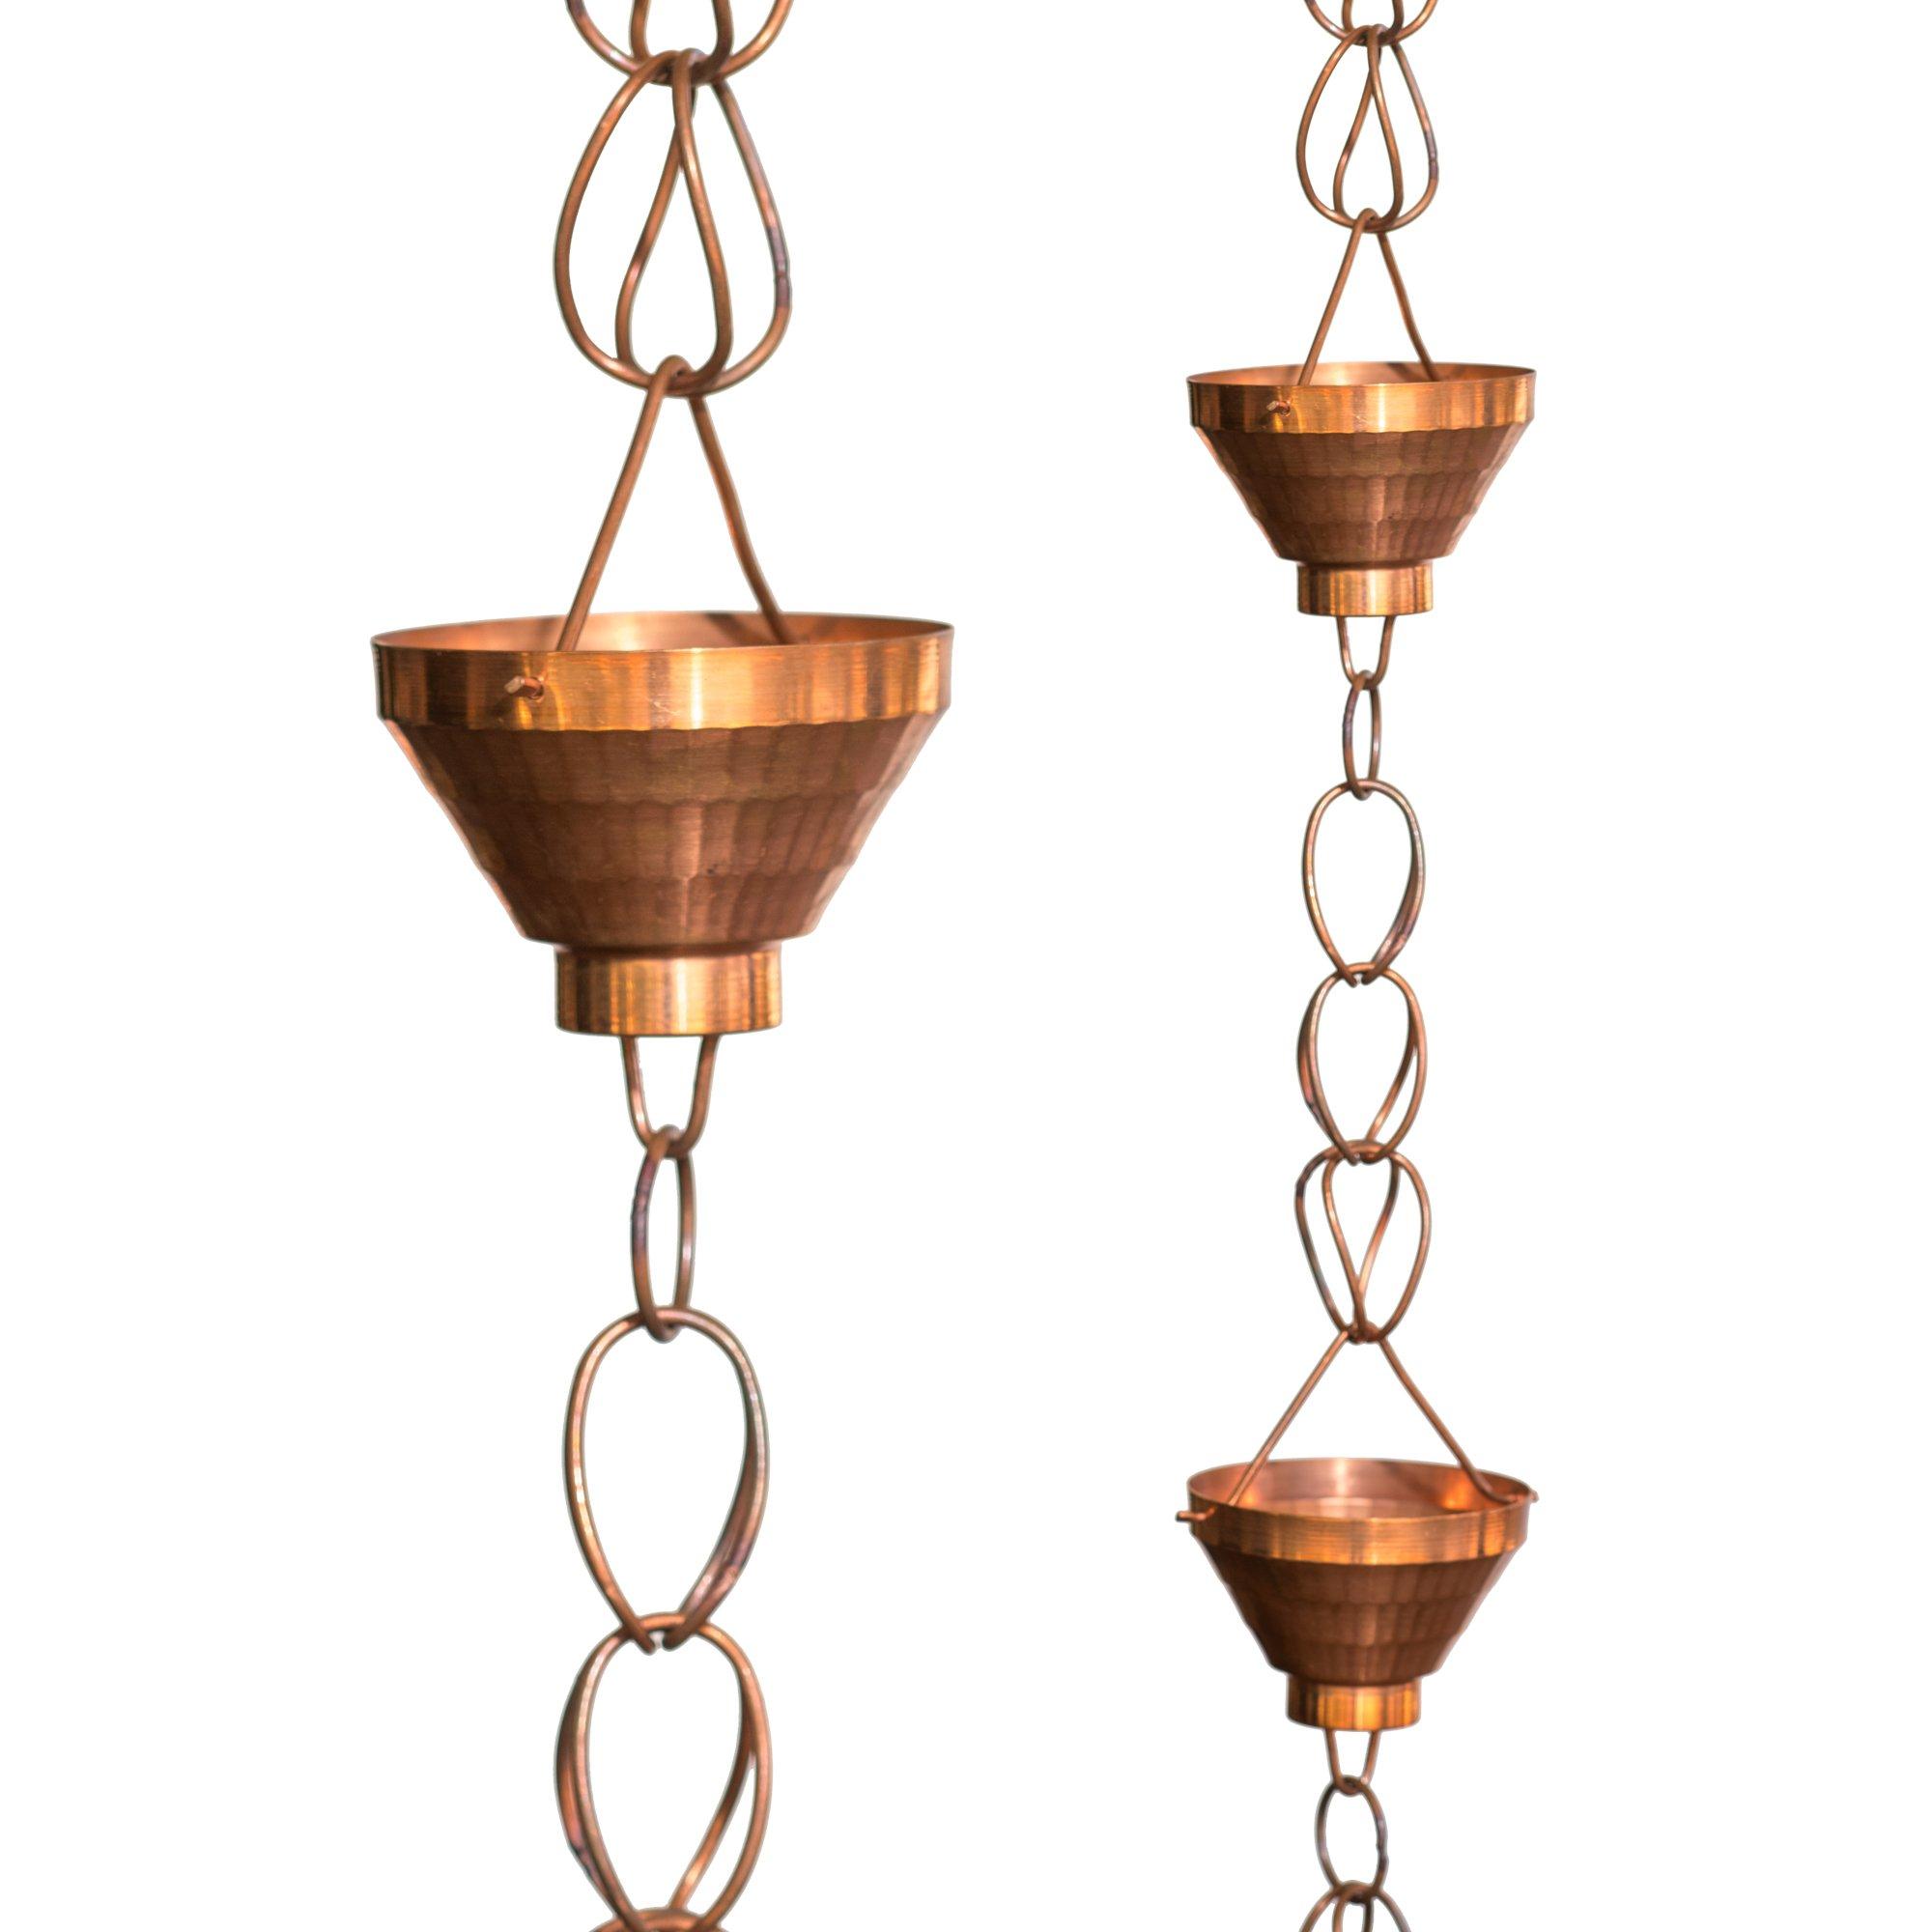 Monarch Pure Copper Siam Rain Chain, 8.5 ft